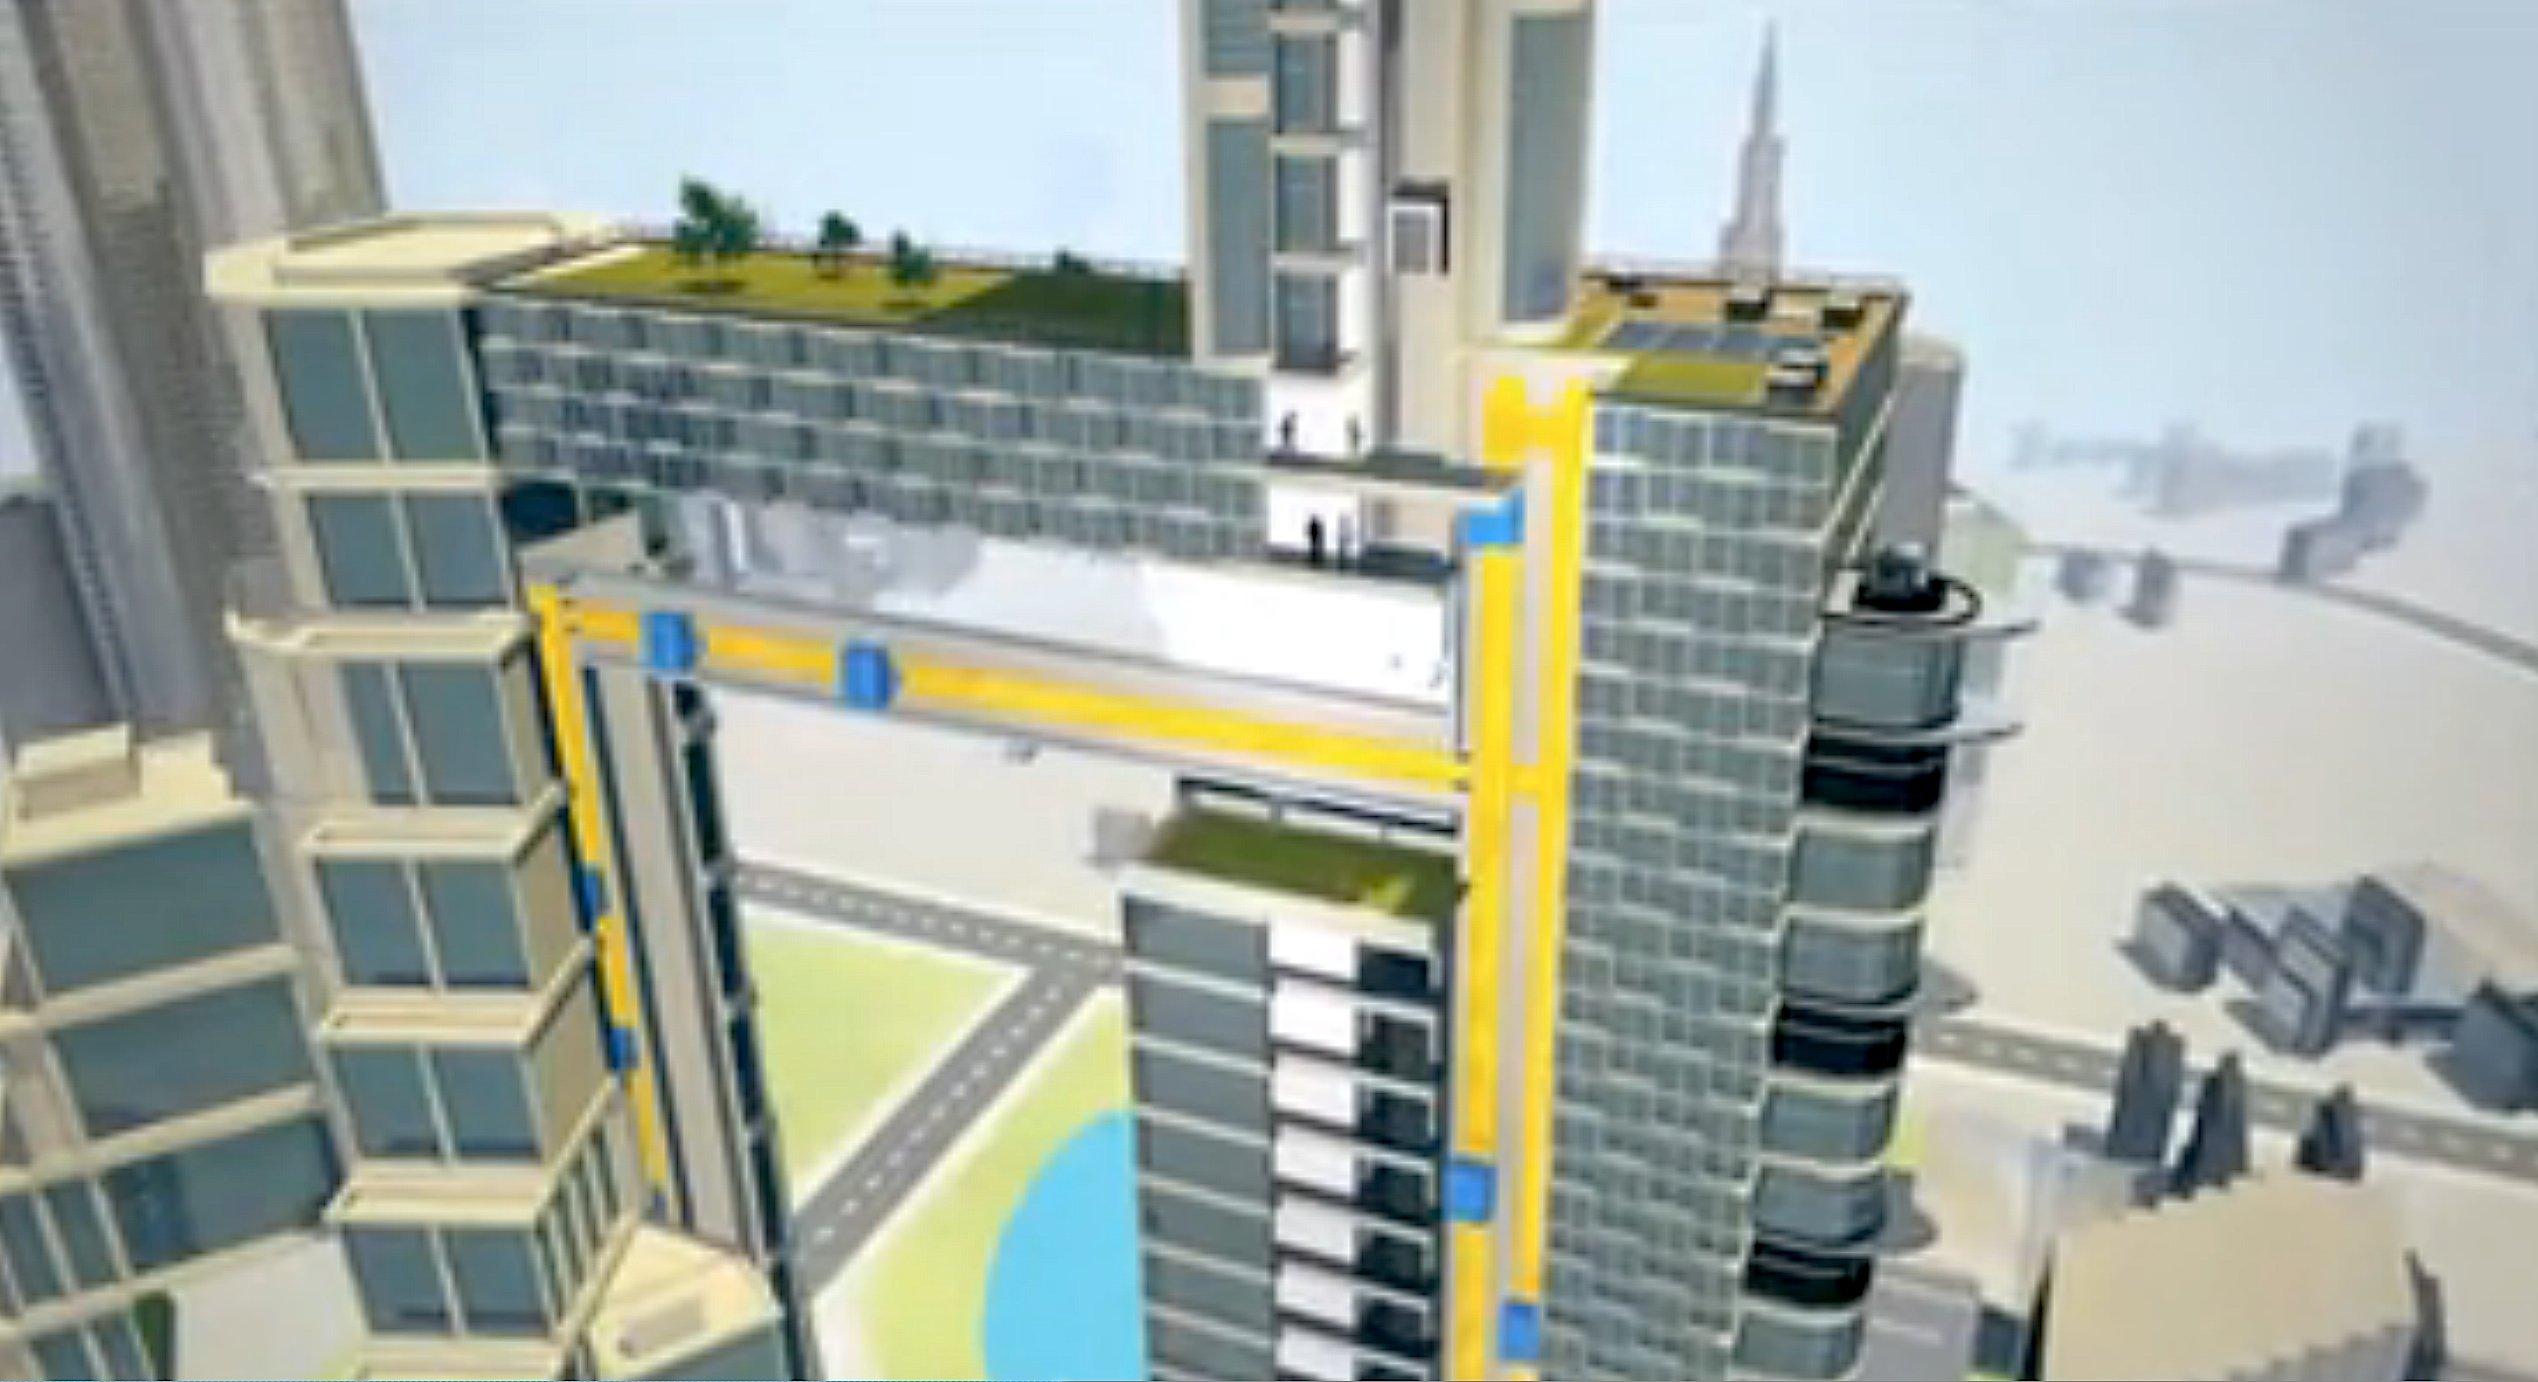 Durch den waagerecht fahrenden Aufzug von ThyssenKrupp ließen sich auch zwei Hochhäuser verbinden.